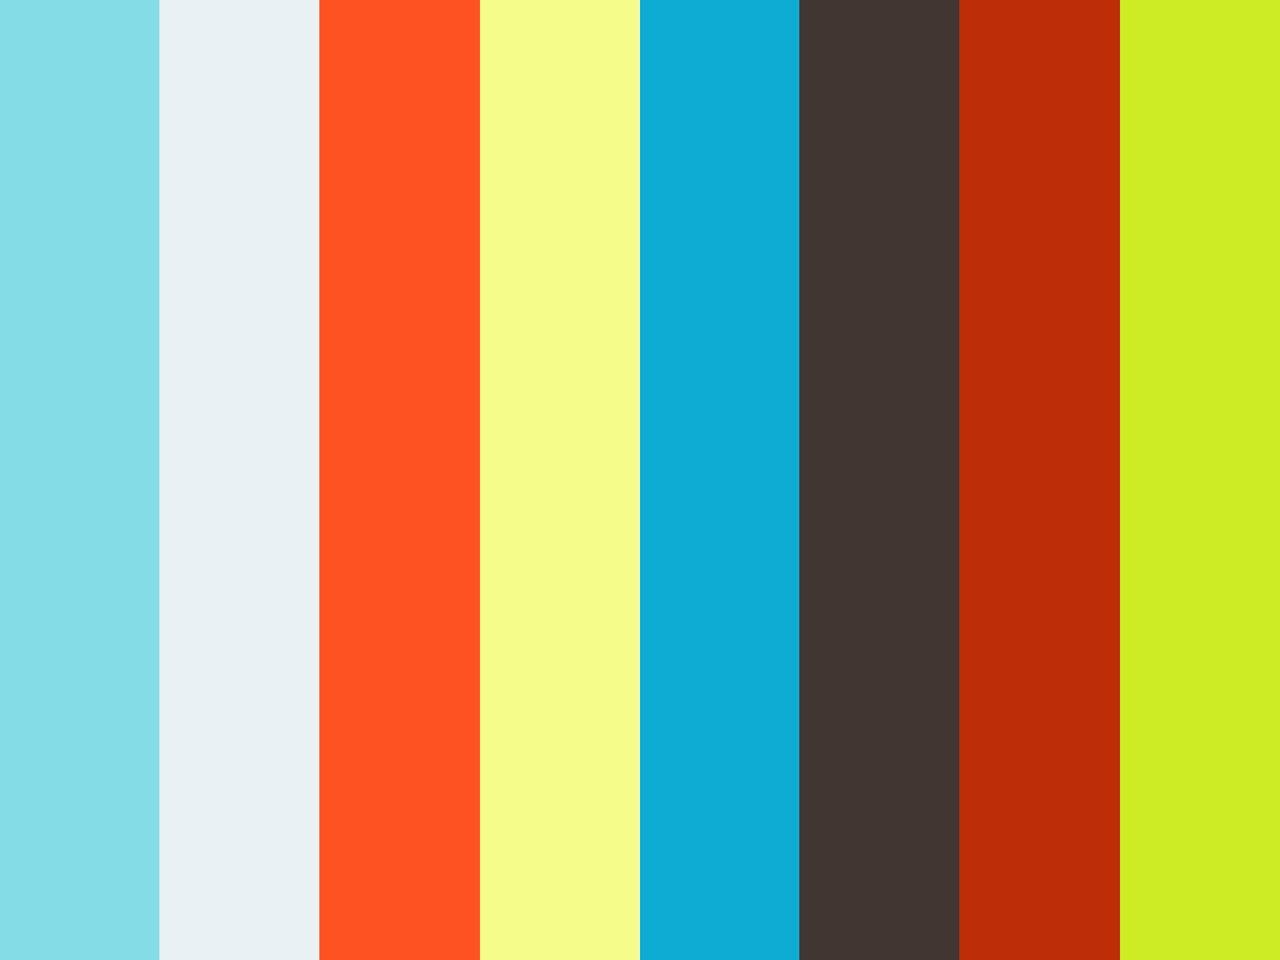 002735 - CORP - Ohlala BehaKlas - Tip 15 - Onderhoud